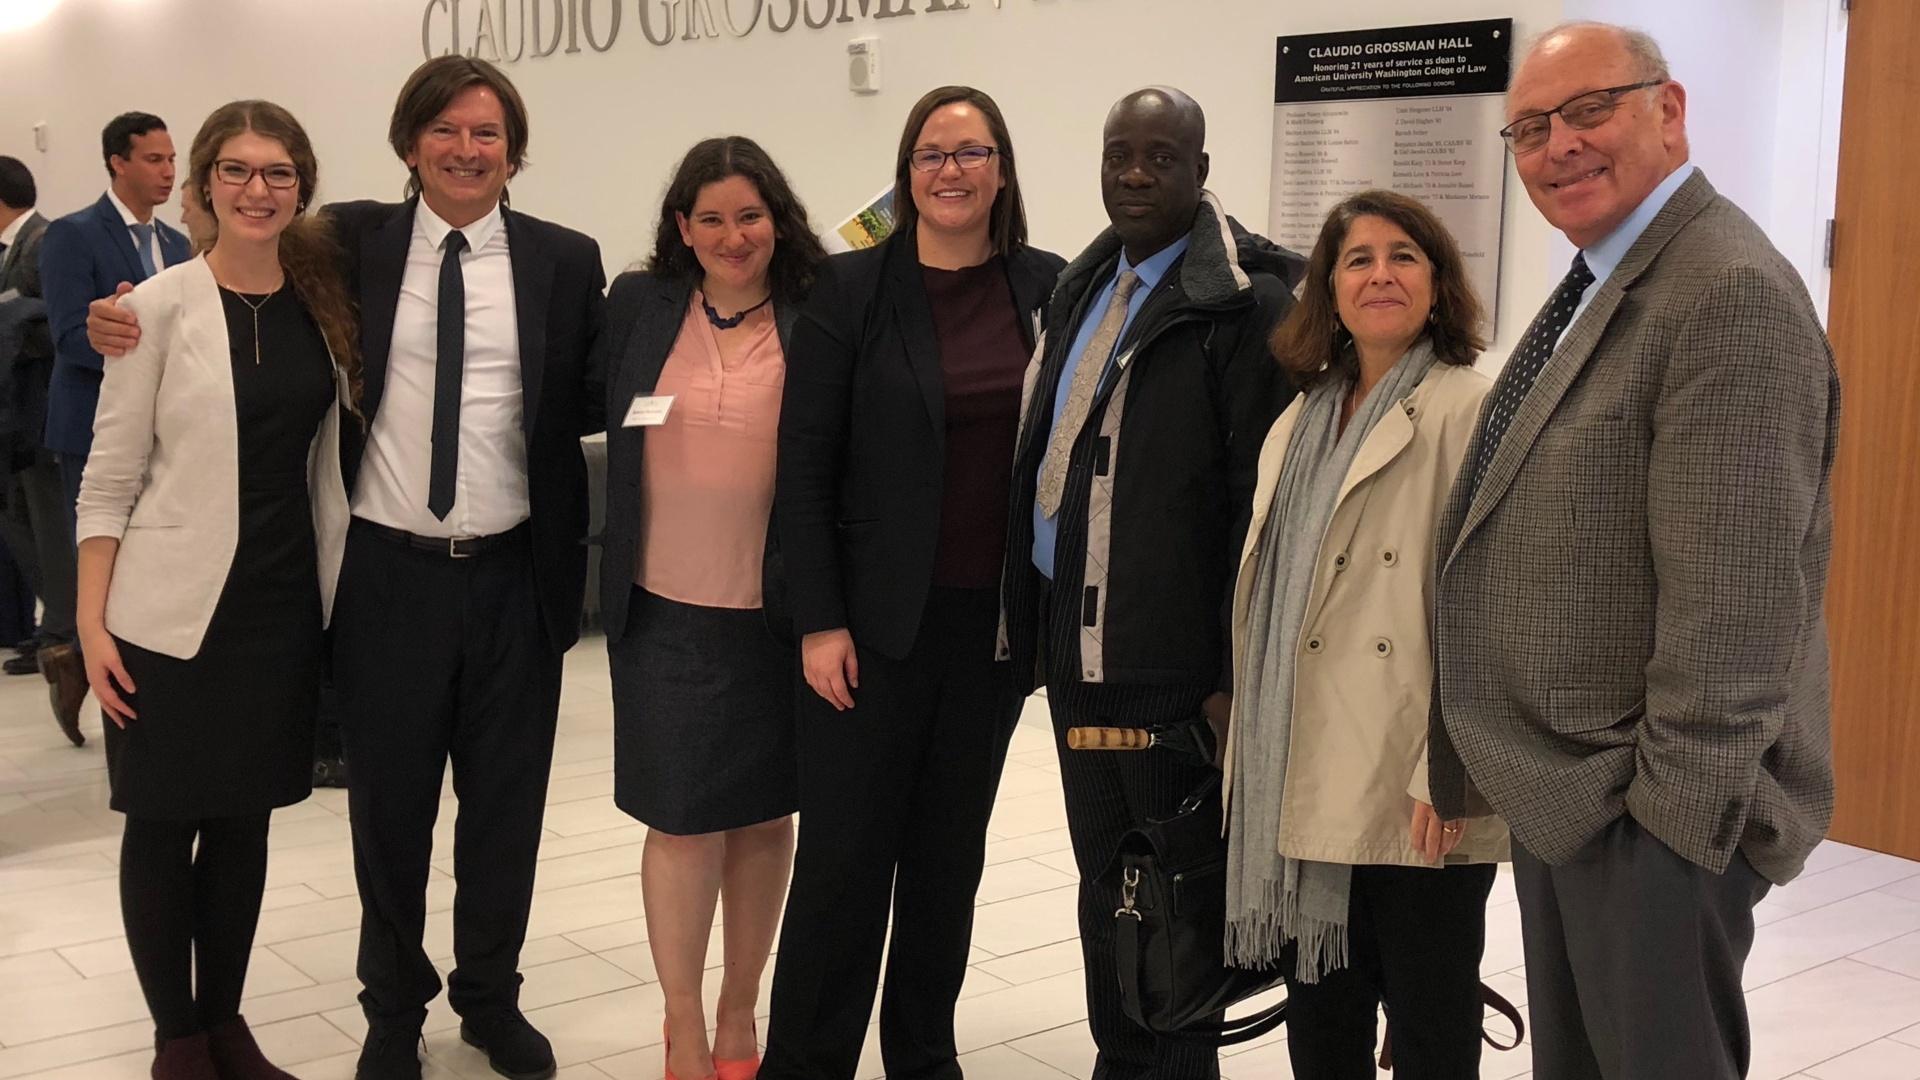 Alexa August, Mario Coriolano,Sarah Fraenkel, Medea Jones, Yacouba Cissé, Patrícia Galvão Teles, and Claudio Grossman